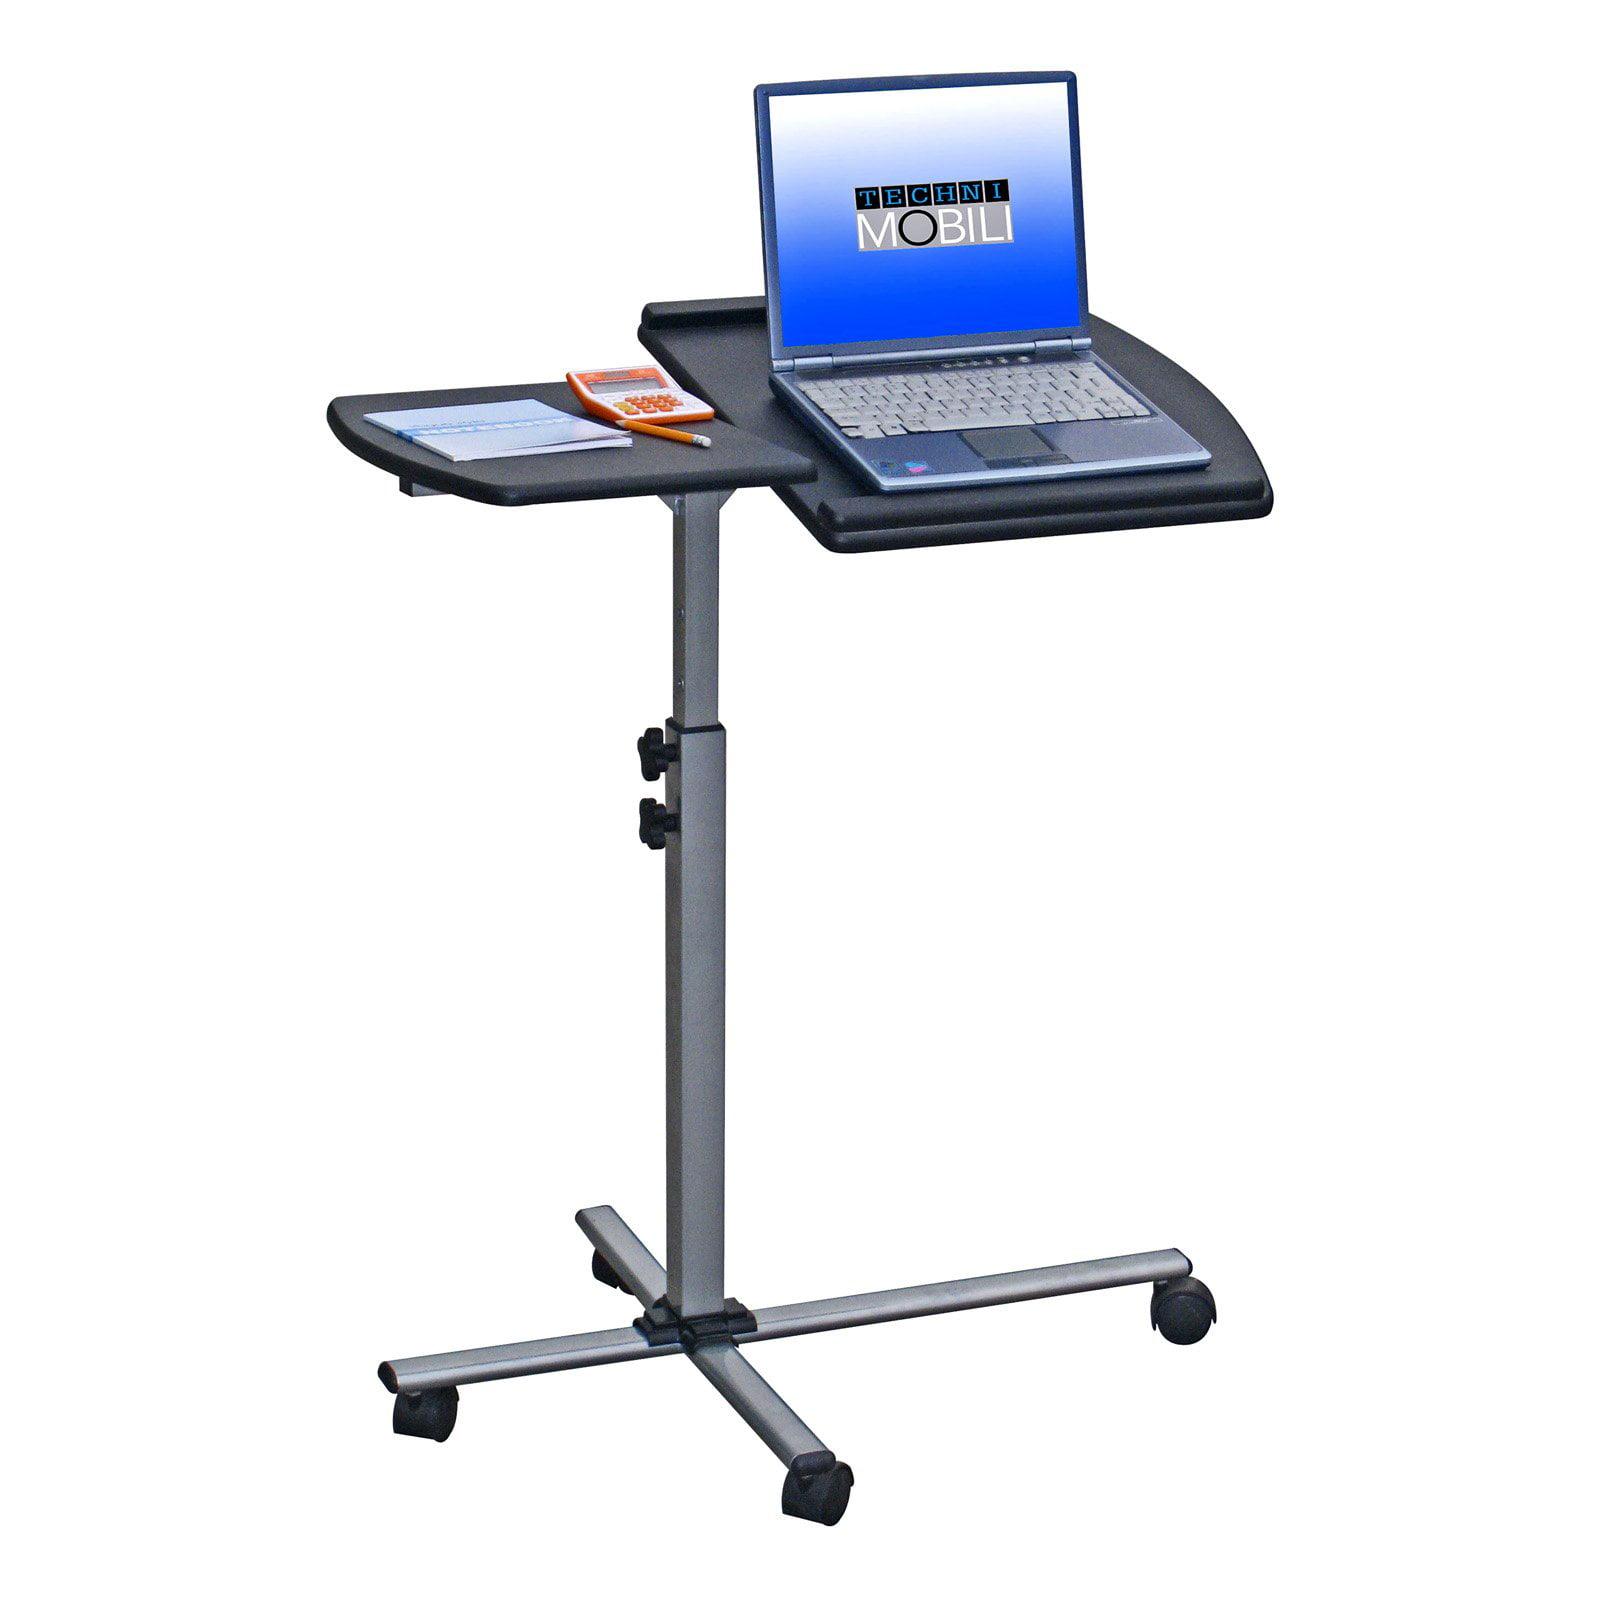 Techni Mobili Deluxe Rolling Laptop Stand, Graphite   Walmart.com